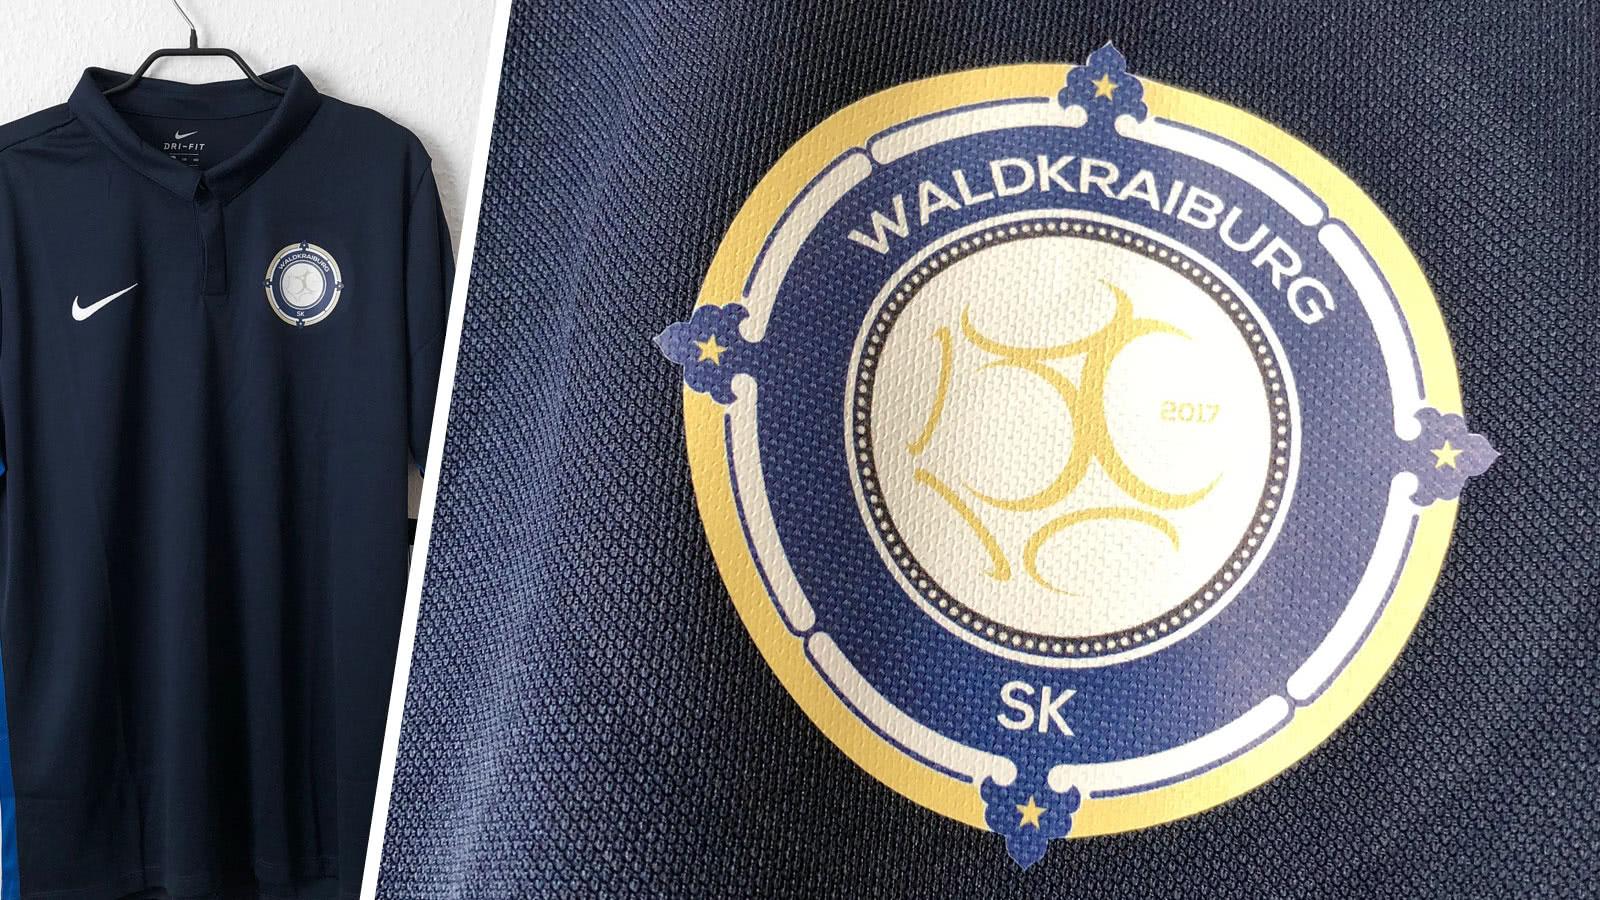 Die Nike Poloshirts mit Bedruckung des SK Waldkraiburg